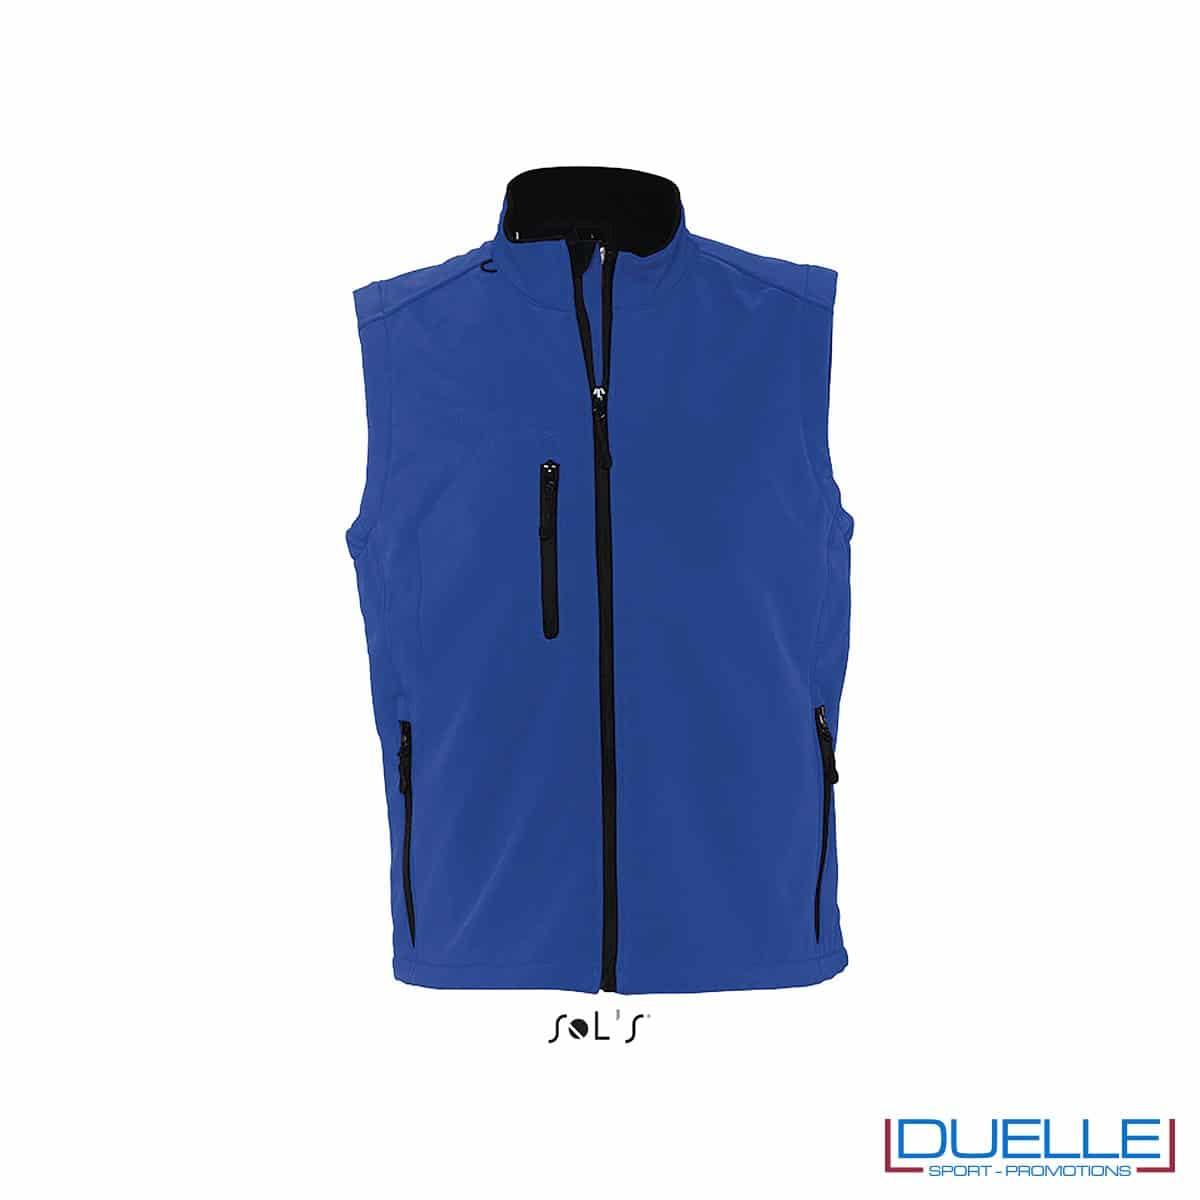 Gilet personalizzato softshell uomo colore blu royal